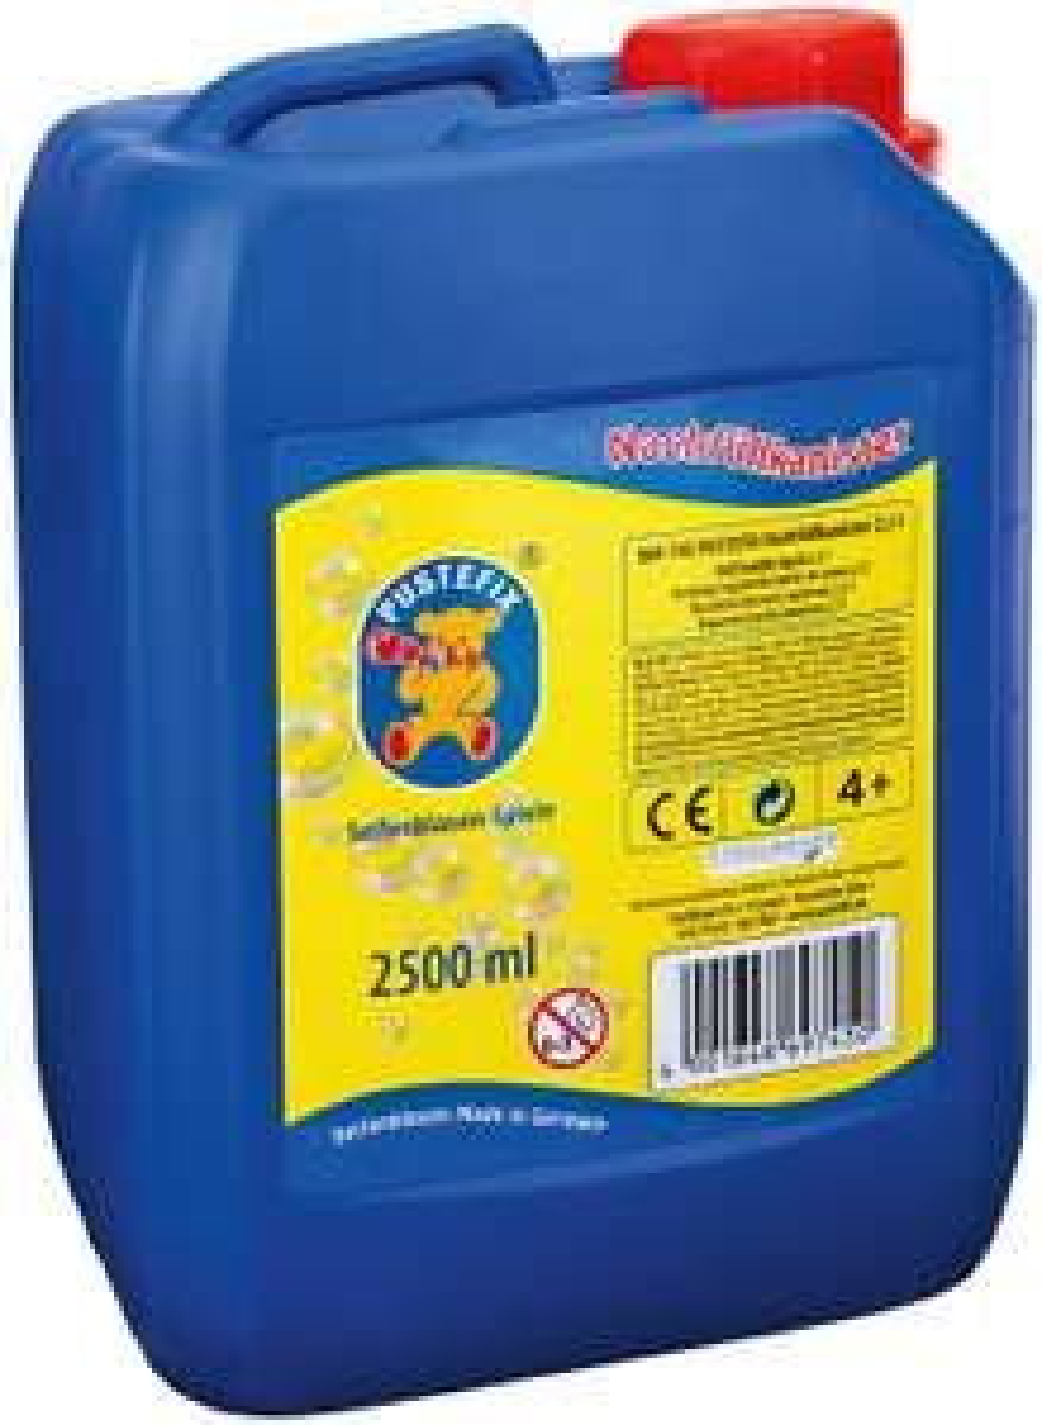 PUSTEFIX Nachfüllkanister 2,5 Liter (Amazon)